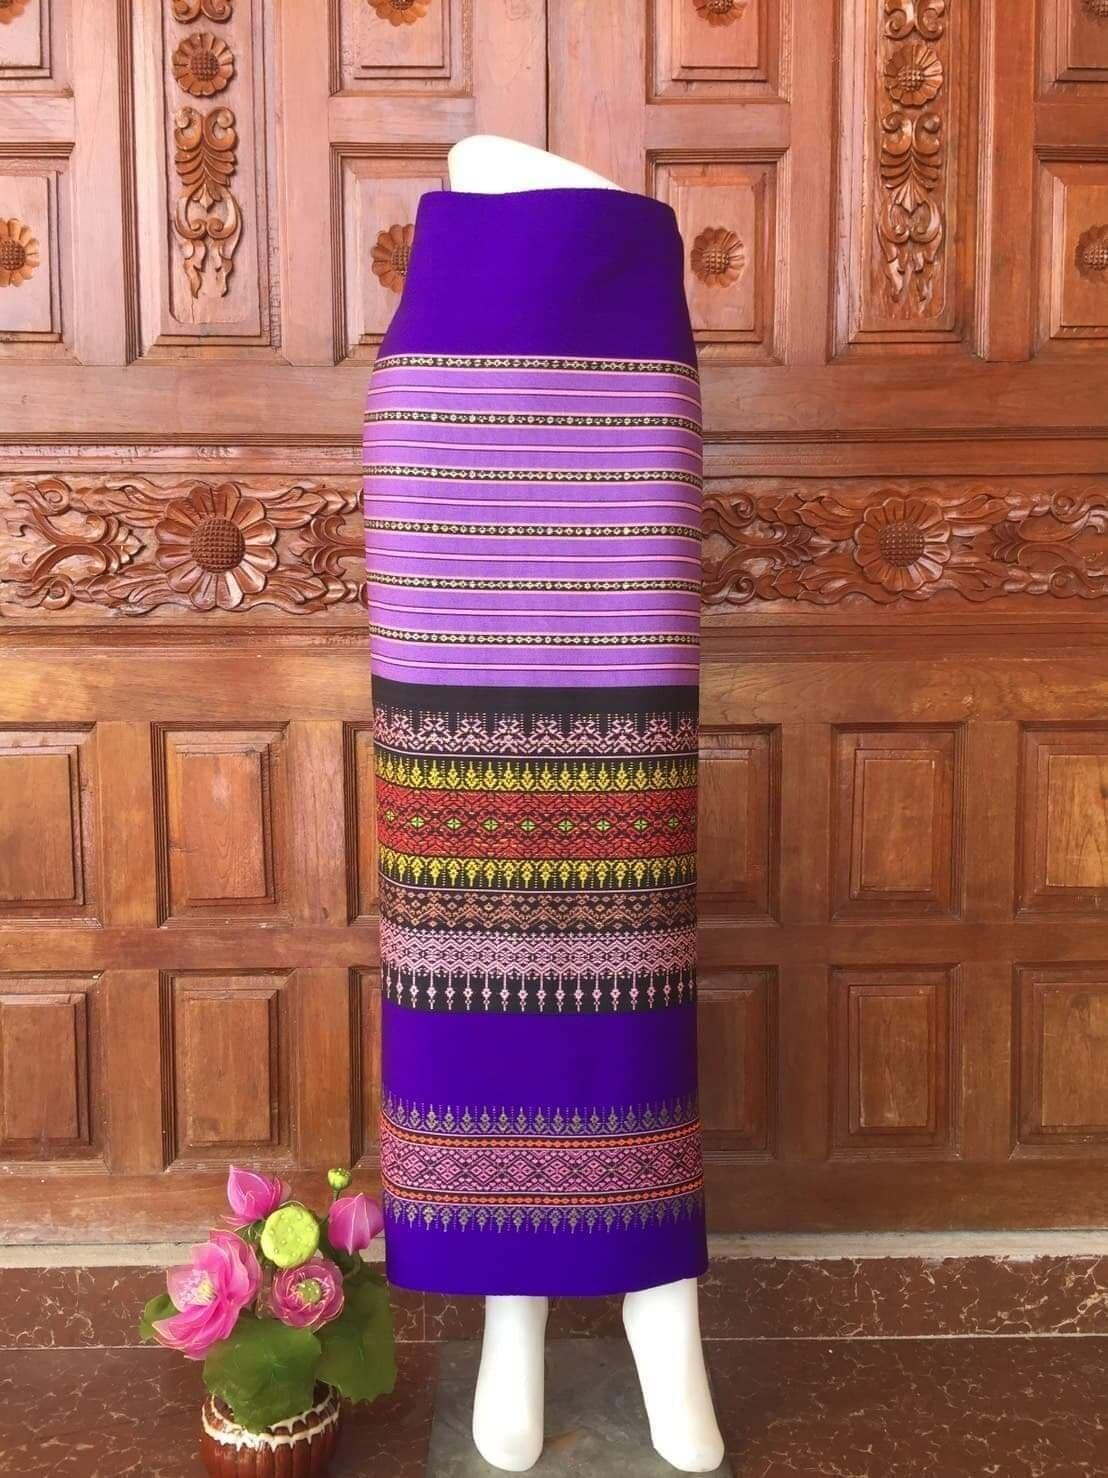 ผ้าฝ้าย ผ้าถุง ผ้าซิ่น ผ้าทอเต็มทั้งผืน สีไม่ตกค่ะ(ผ้ายังไม่ได้ตัดเย็บขนาด 180X100 cm)